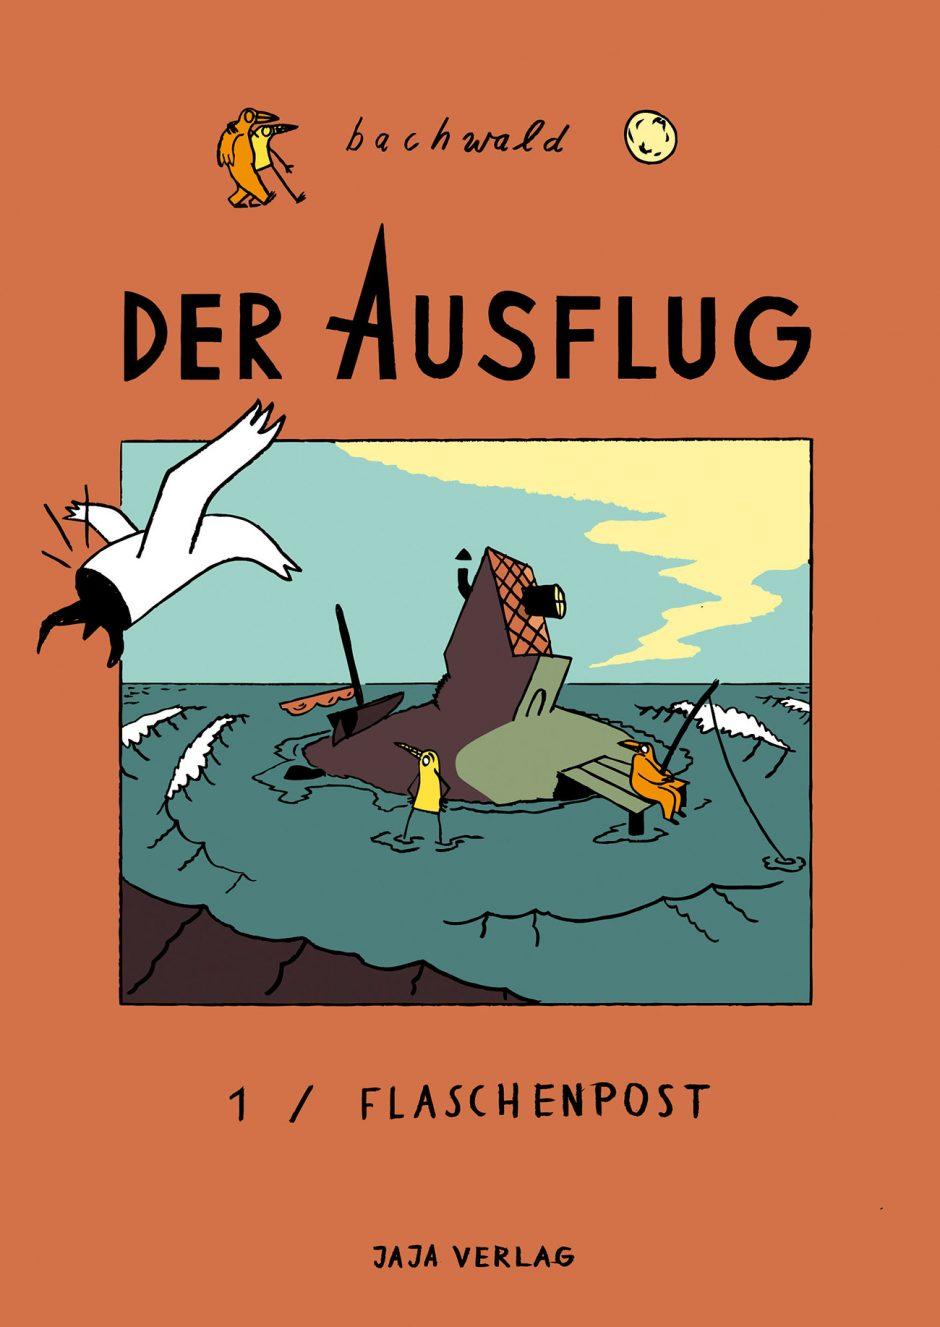 Der Ausflug – Wortloser Abenteuercomic in Zusammenarbeit mit Julian Fiebach (als Bachwald). 2015 beim Jaja Verlag erschienen